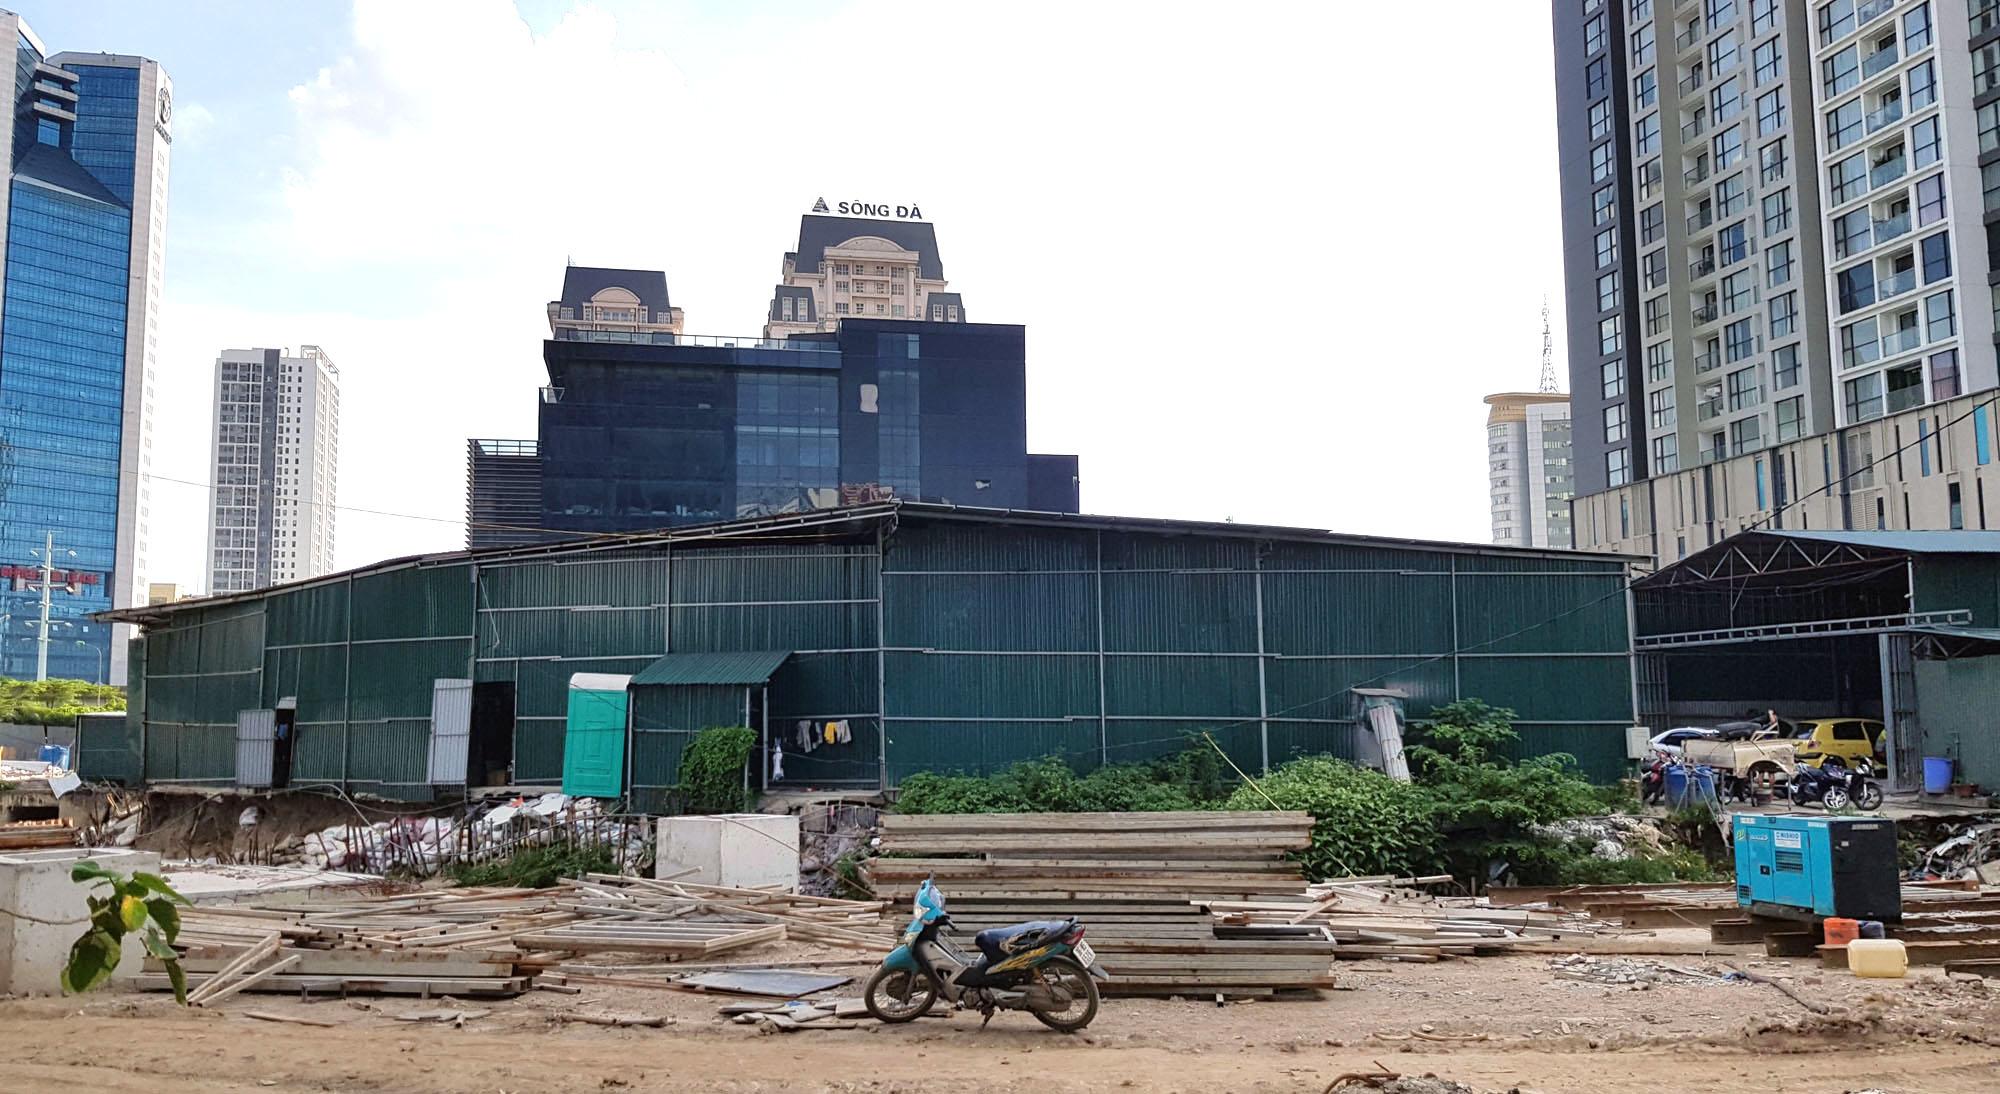 Những mảnh đất chưa sử dụng theo qui hoạch ở vùng qui hoạch đẹp Keangnam - Ảnh 8.